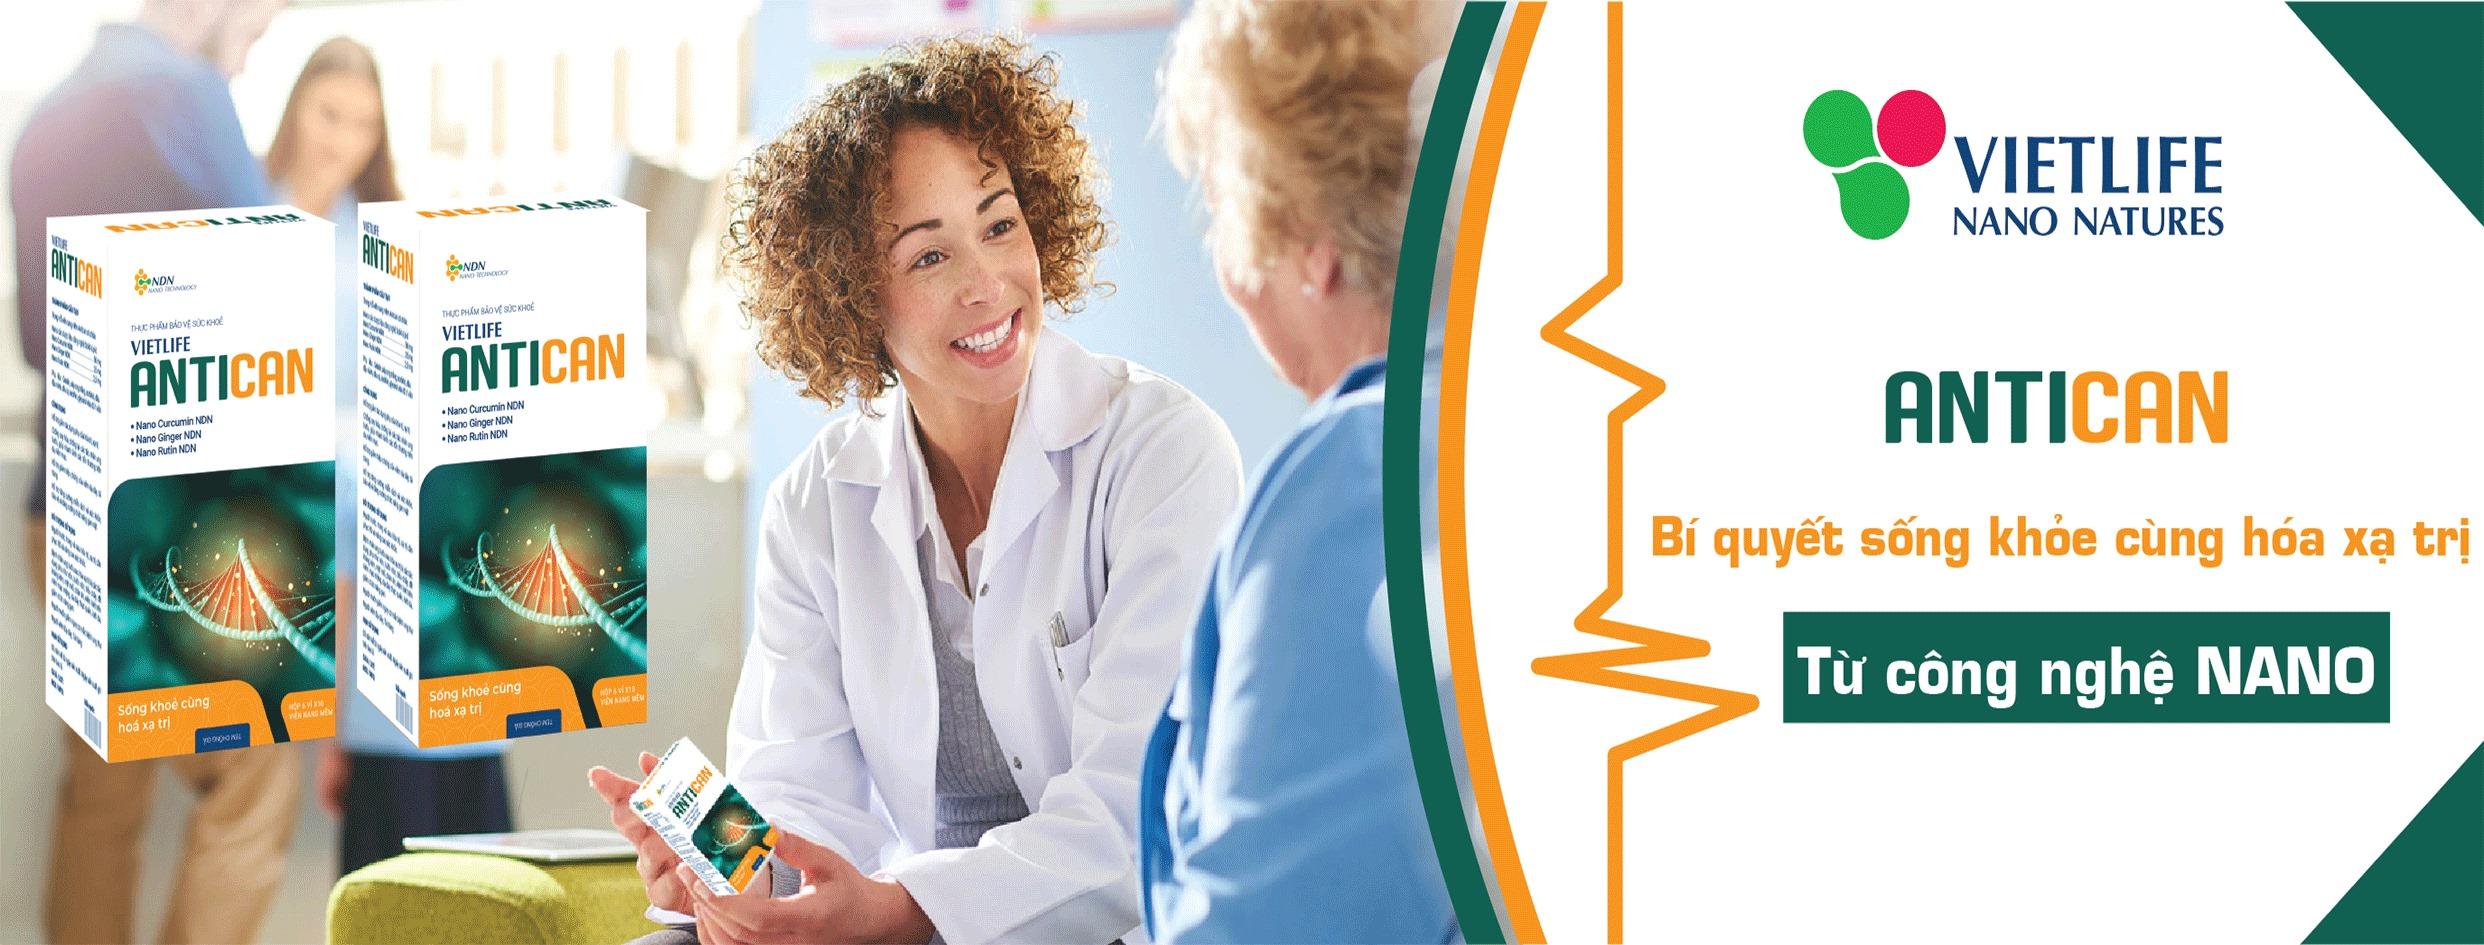 Ung thư vòm họng: Giải pháp nào để chung sống khỏe mạnh? 3